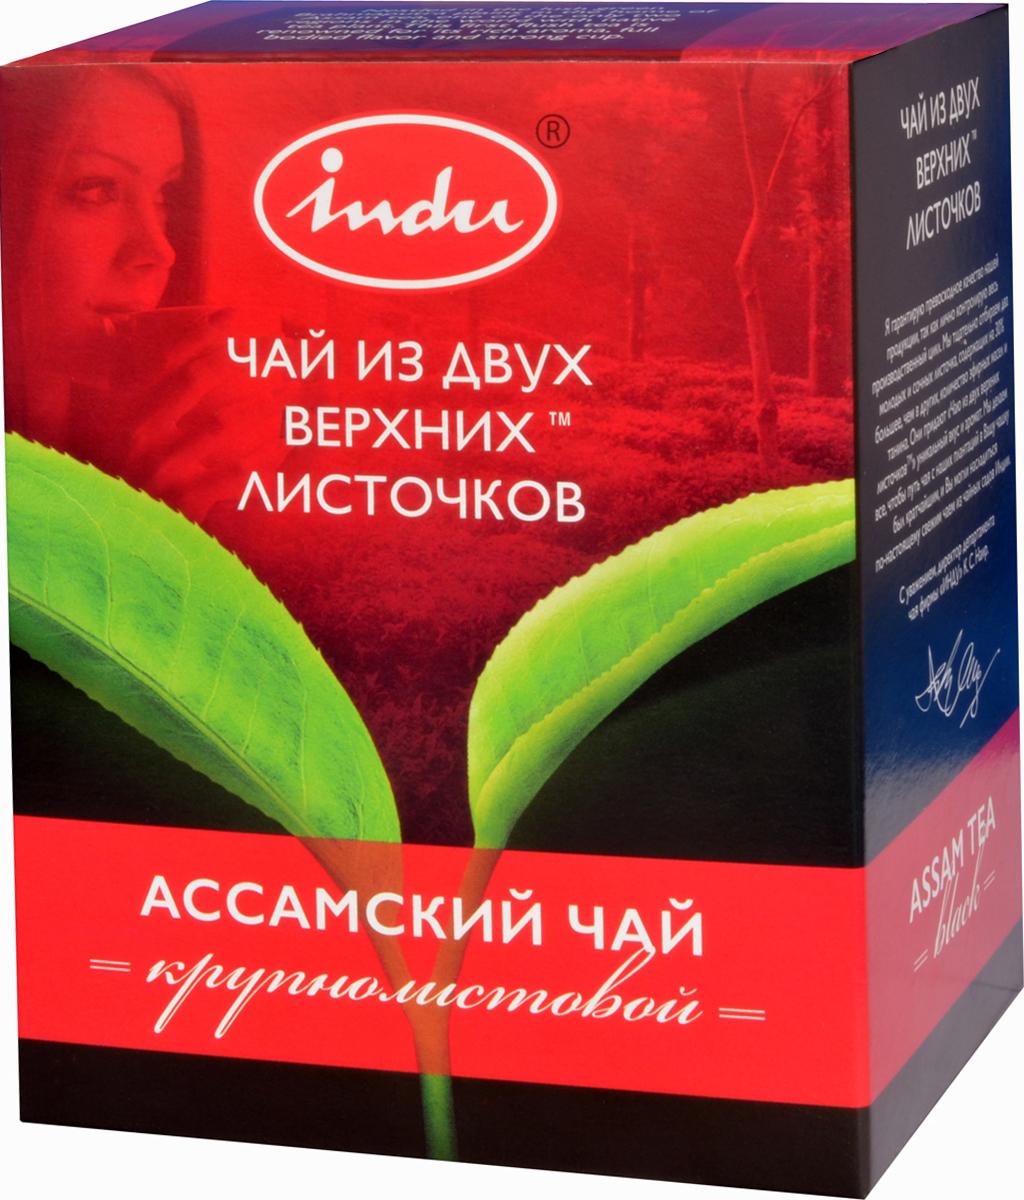 Indu Ассам TGFOP черный листовой чай, 90 гTTL-BIN-201Родина чая Indu Ассам TGFOP – бескрайние покрытые зеленью равнины реки Брахмапутры, один из двух регионов на Земле, где чай произрастал с незапамятных времен. Слава о необычном вкусе, насыщенном аромате и крепком настое известна по всему миру.Всё о чае: сорта, факты, советы по выбору и употреблению. Статья OZON Гид